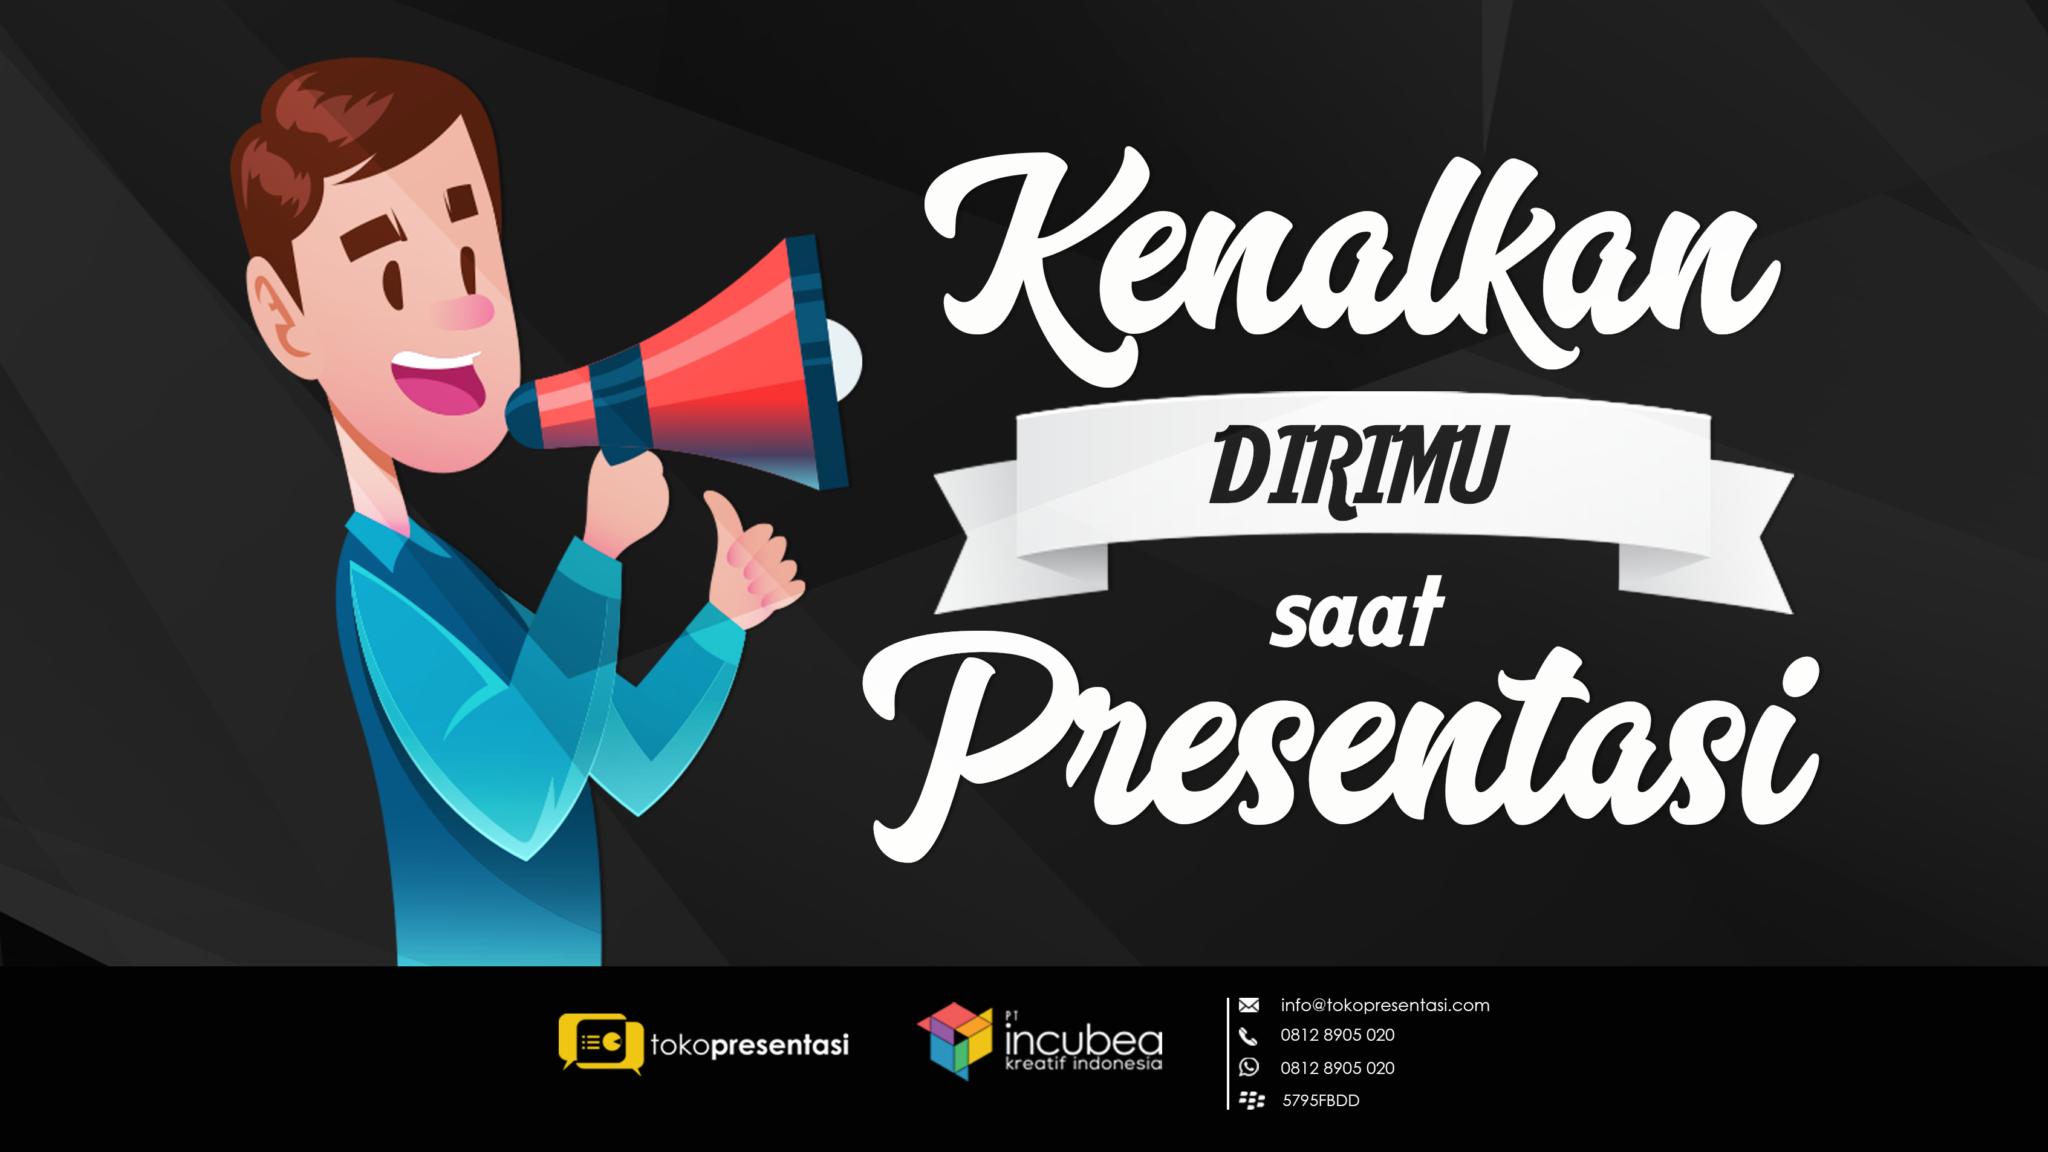 tips presentasi kenalkan dirimu saat presentasi